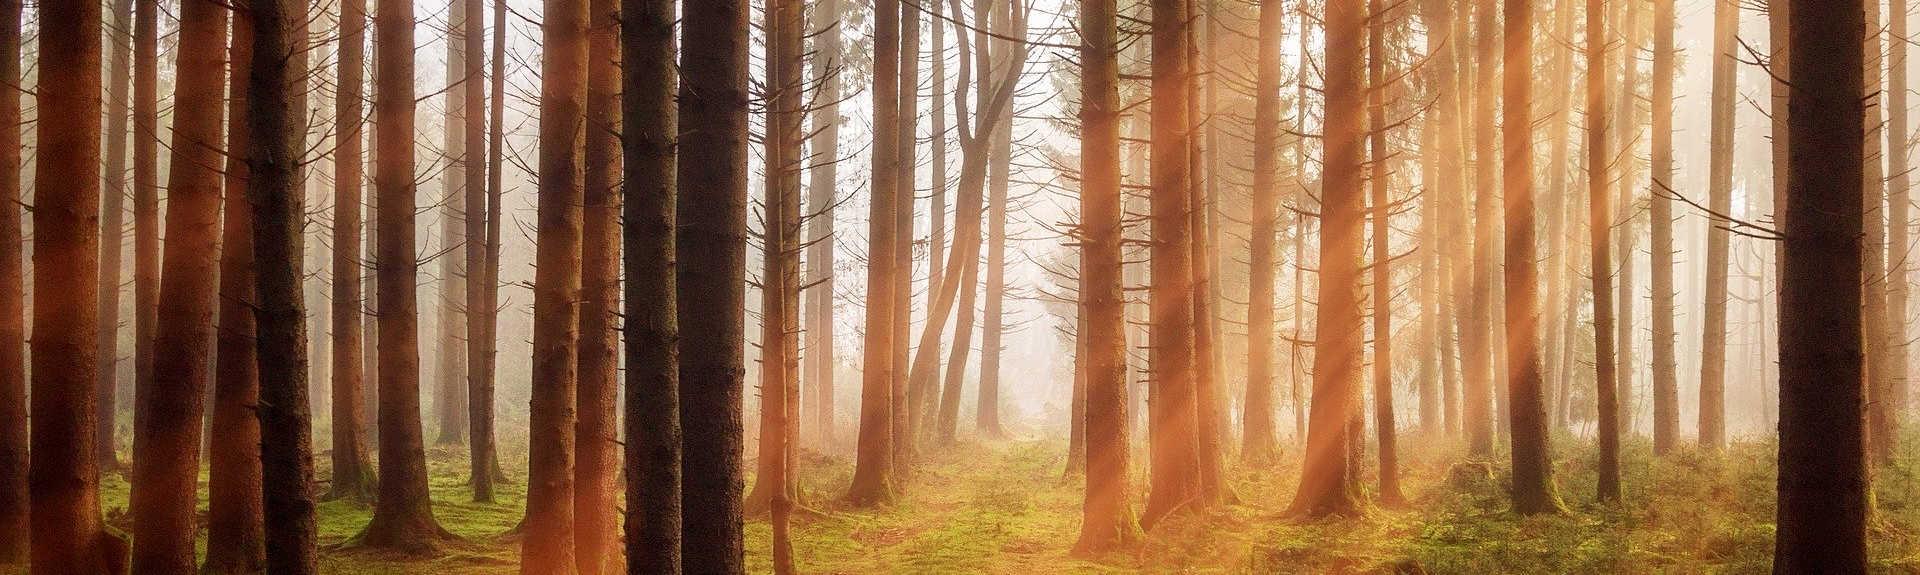 header - Forêt d'arbres sans feuilles au soleil couchant